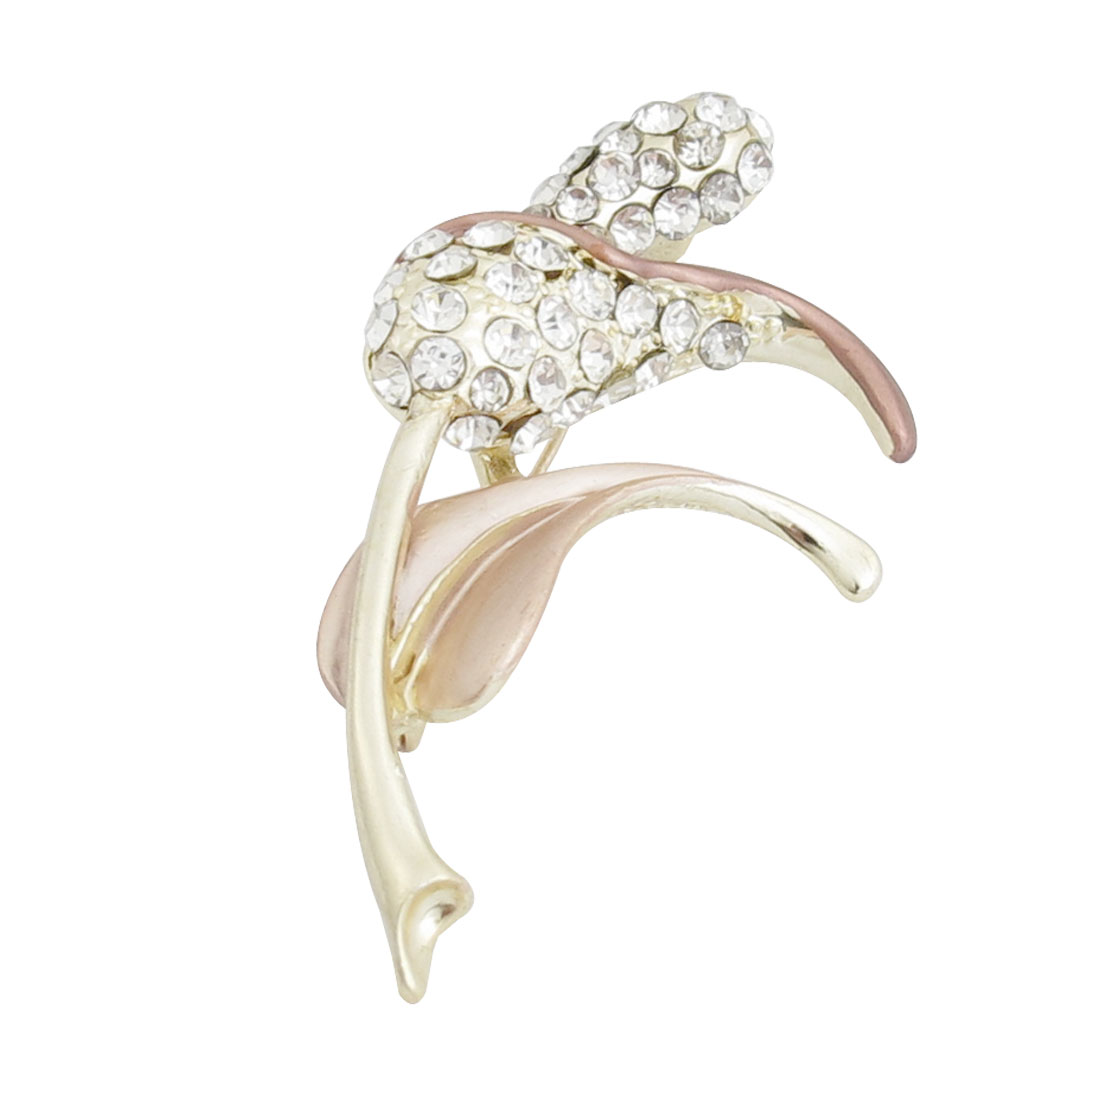 Bridal Decoration Champagne Leaf Rhinestone Inlaid Flower Branch Brooch Pin